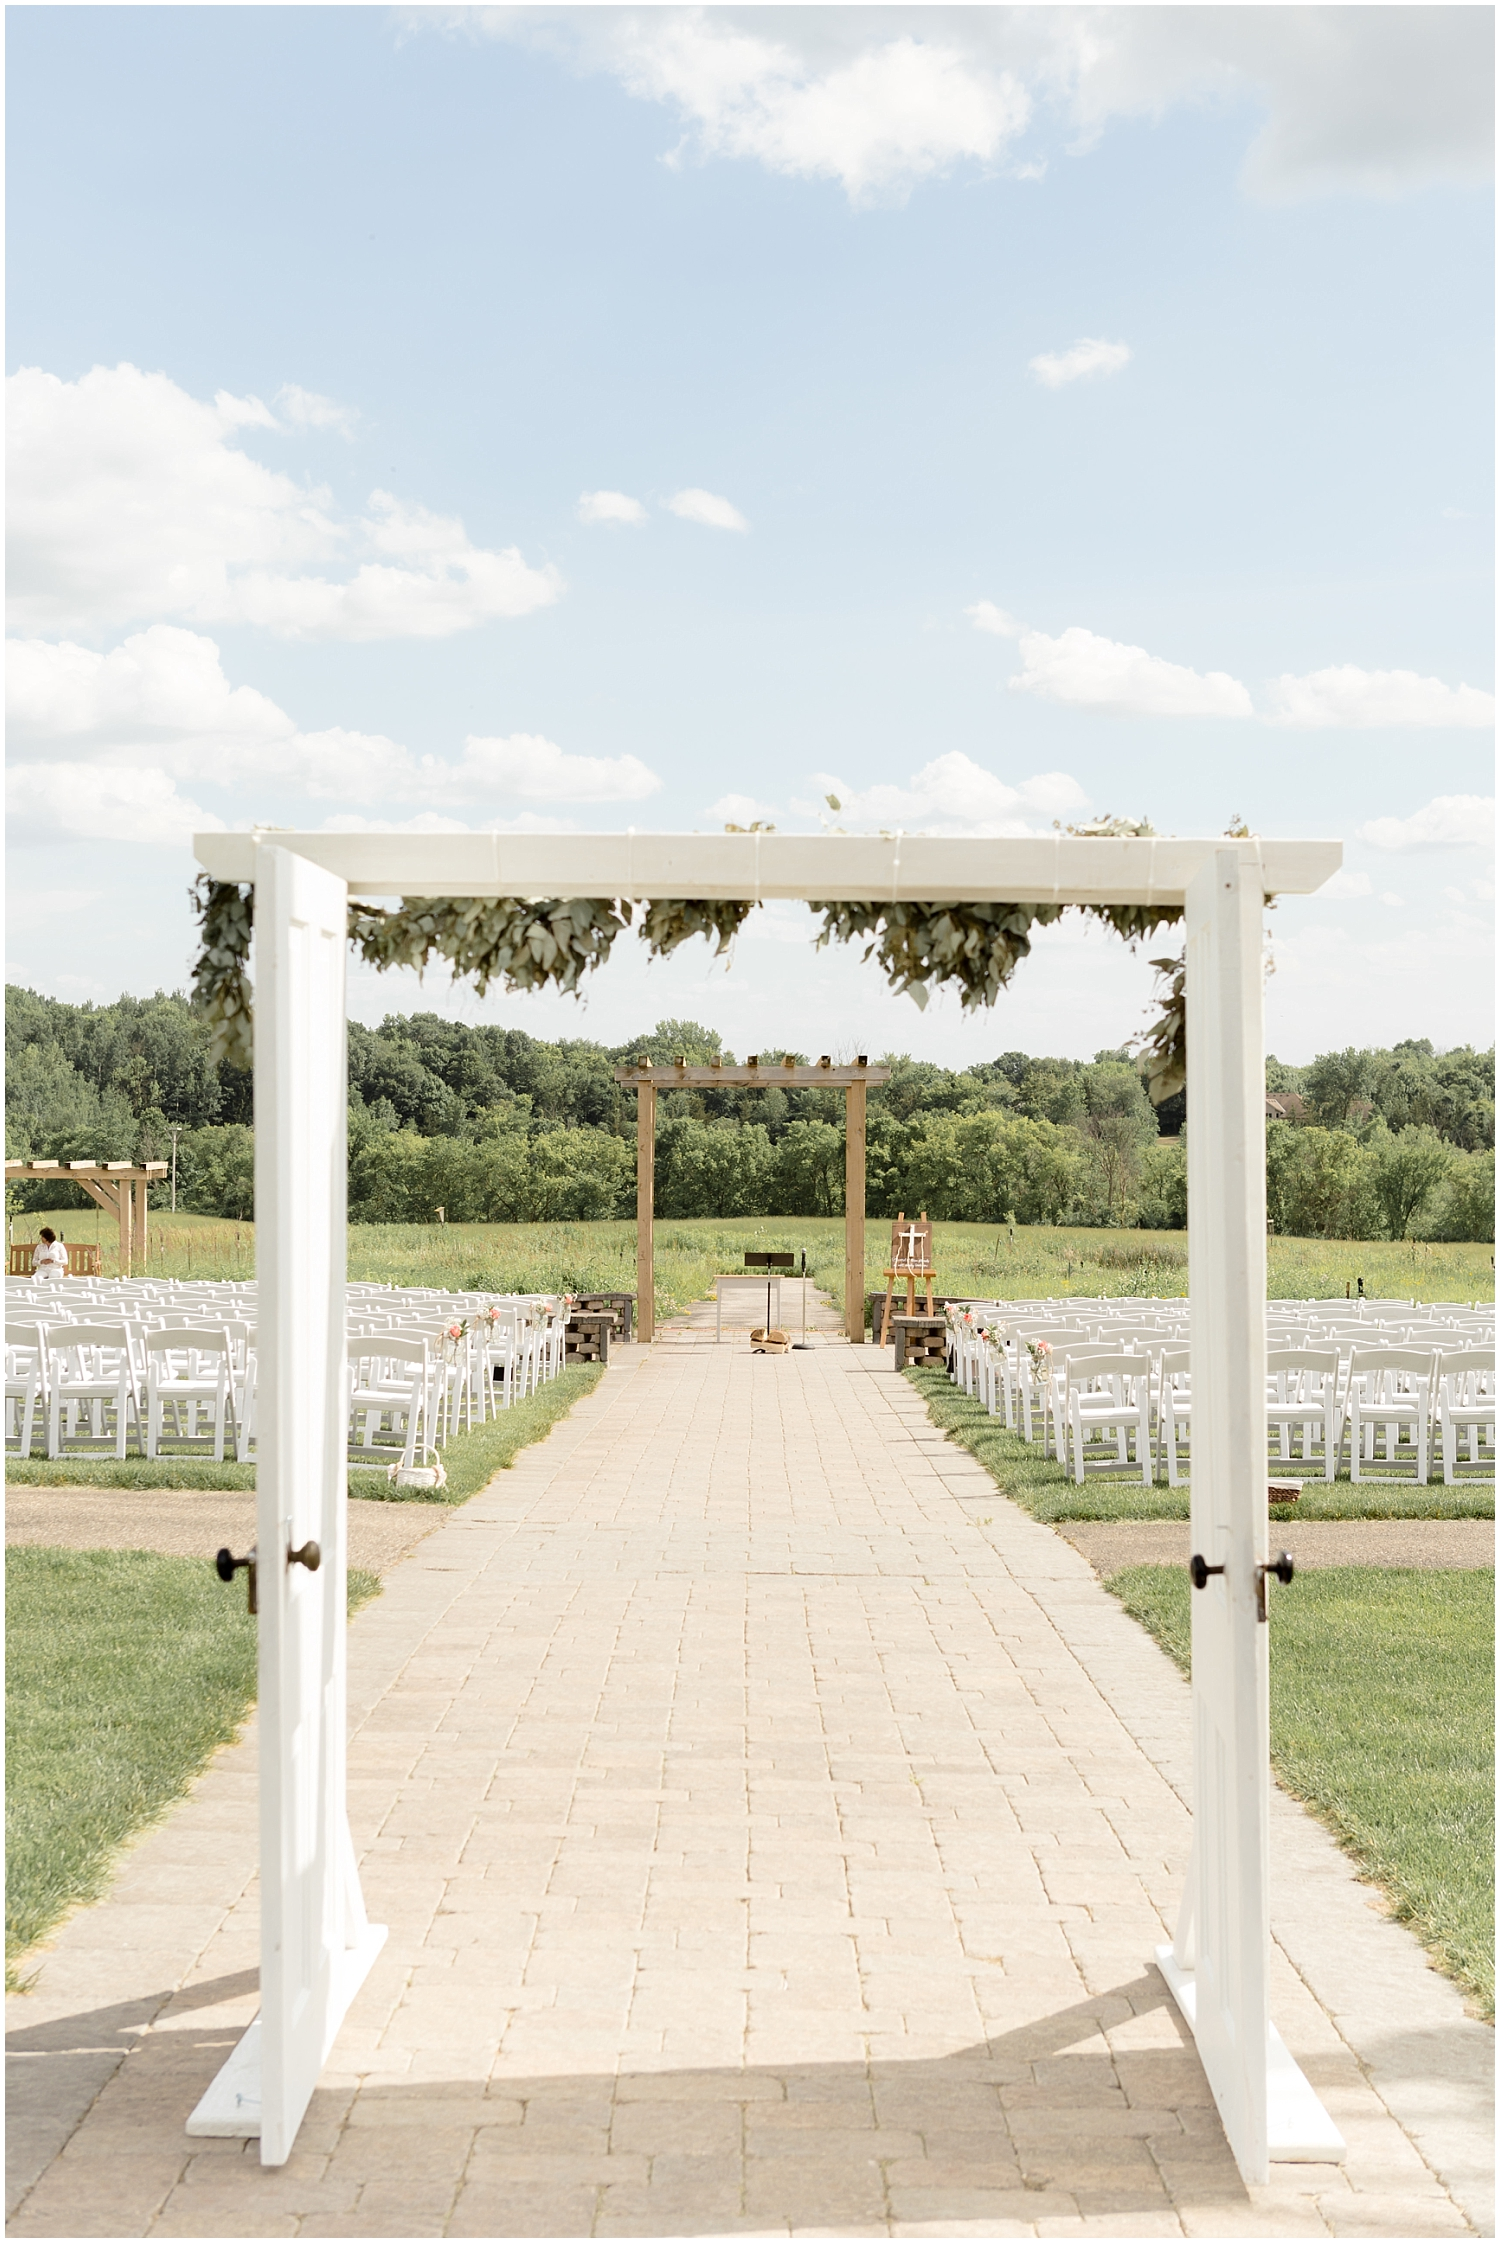 Chaska Wedding Venue MN.  Wedding Arch for Outdoor Wedding Venue